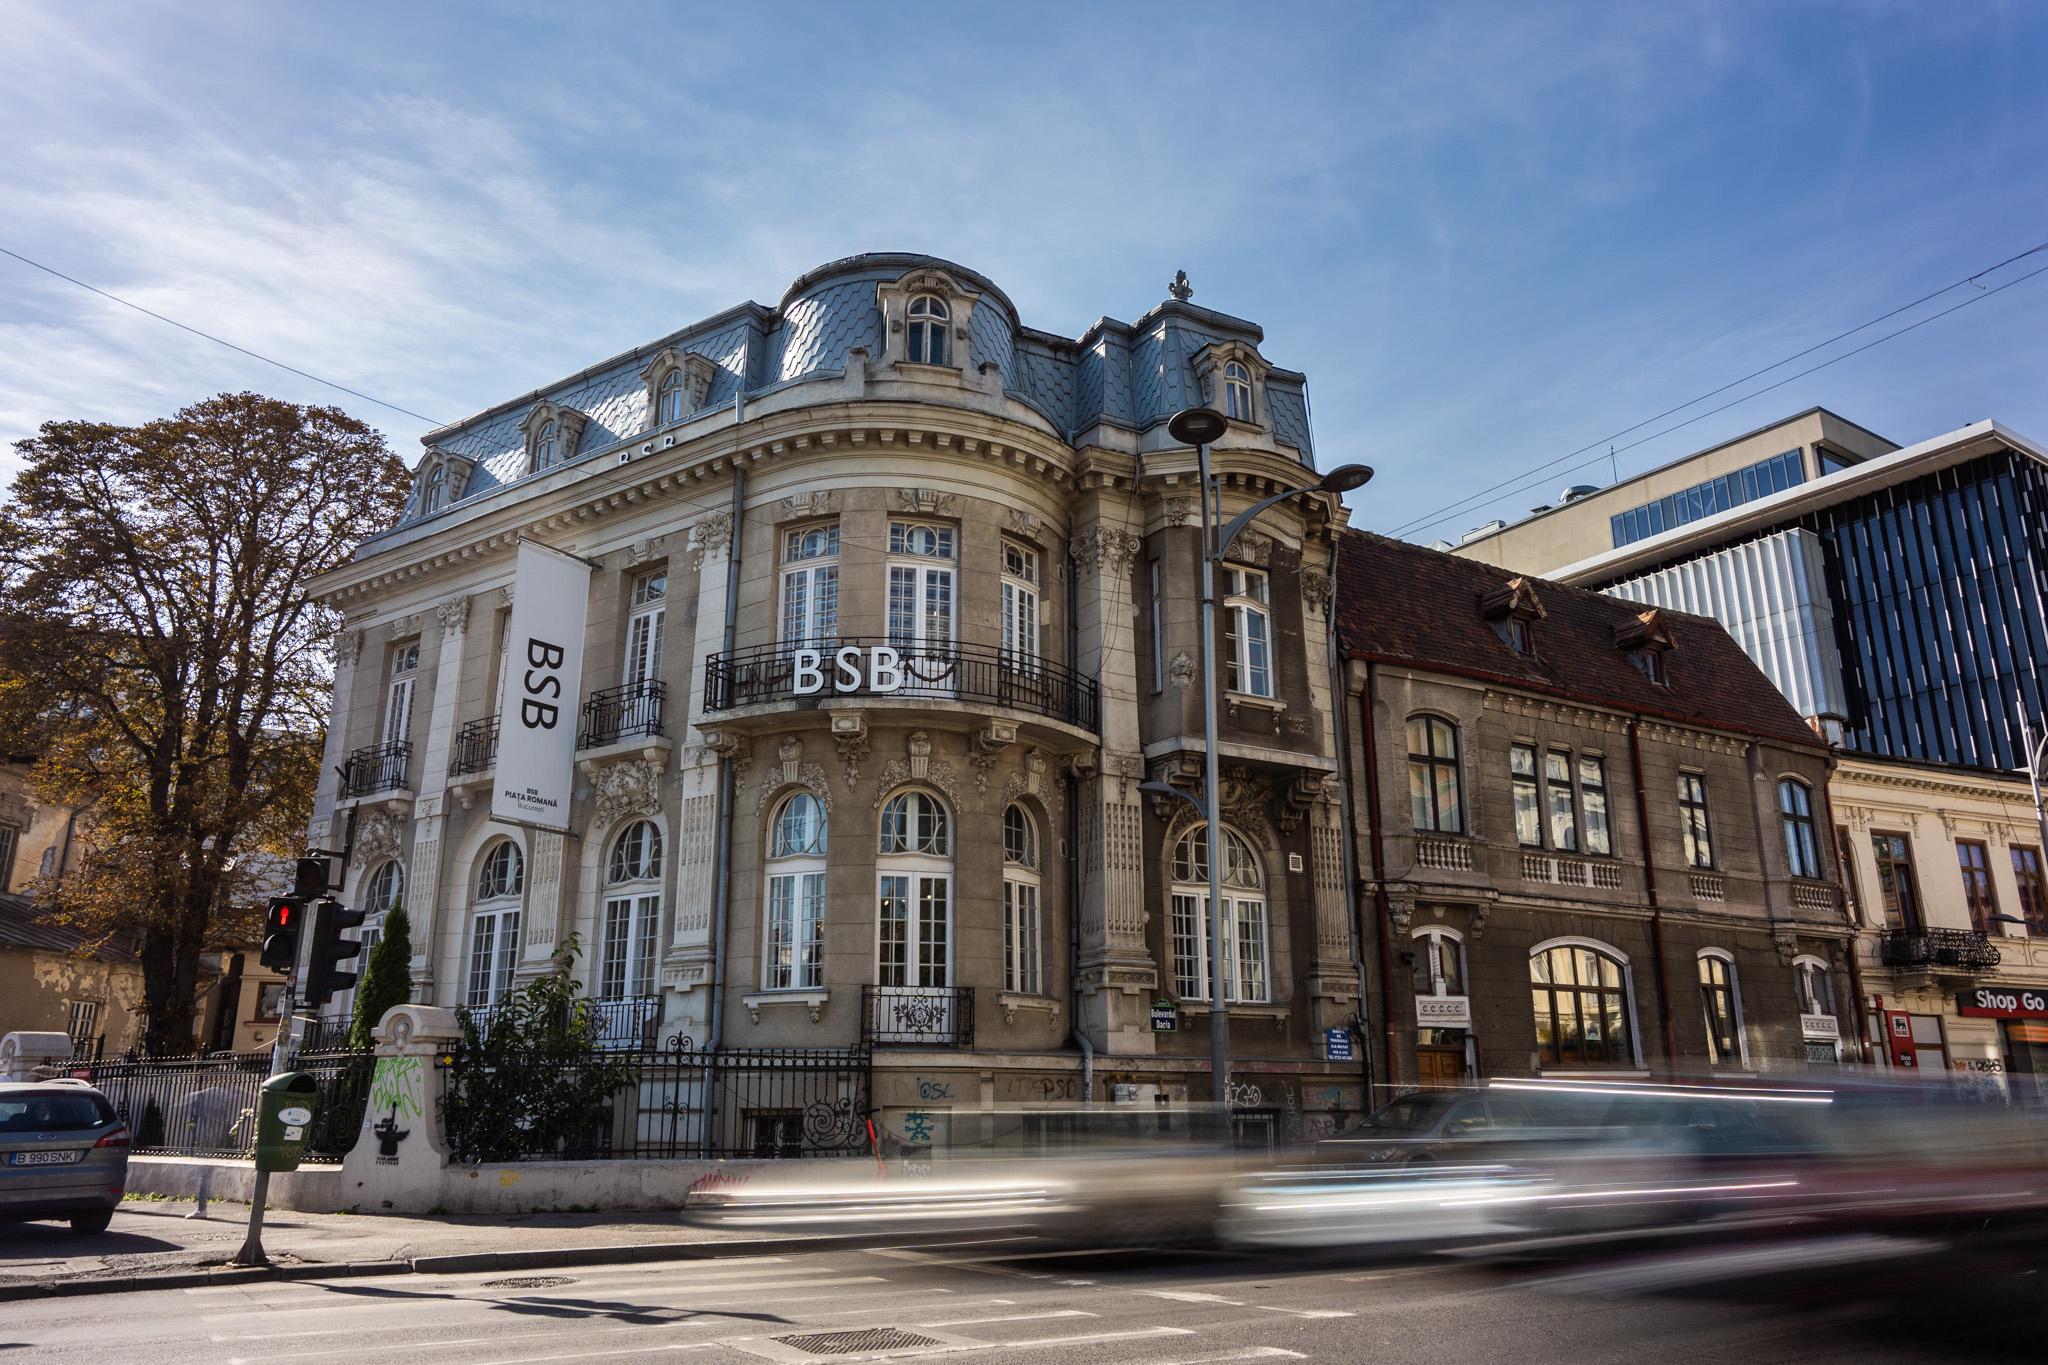 Noul flagship store BSB s-a deschis în vila monument istoric din Piața Romană nr. 3